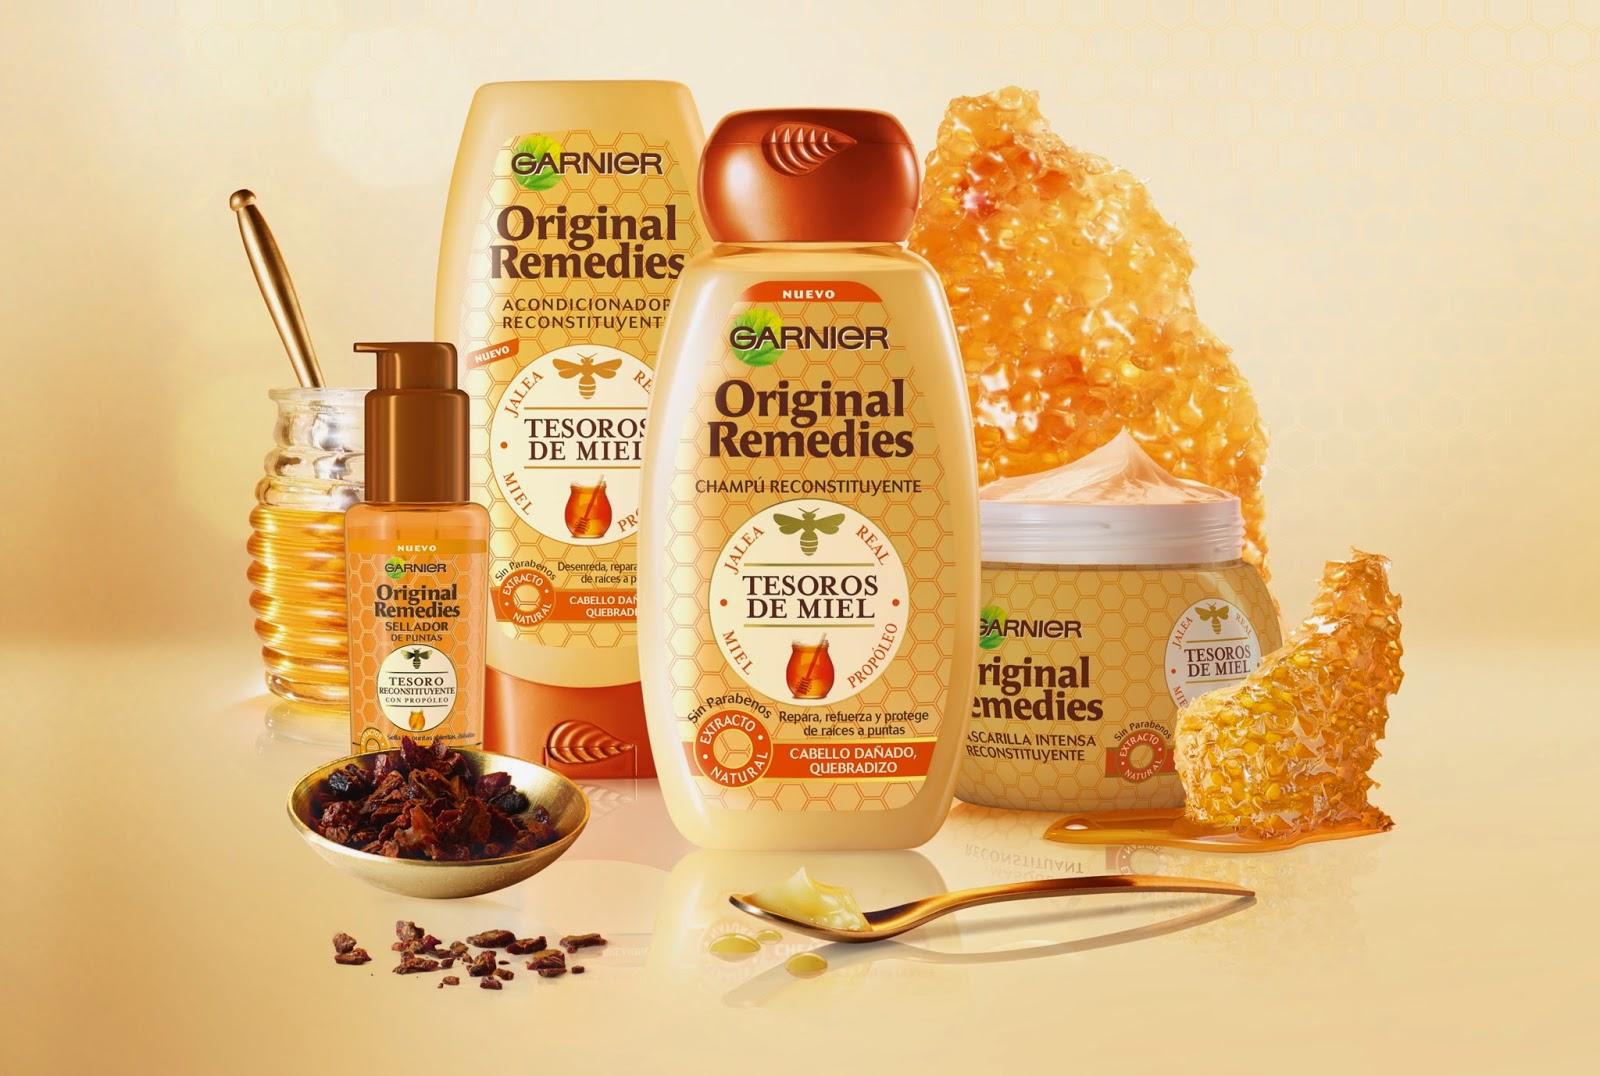 original remedies, garnier, tesoros de miel